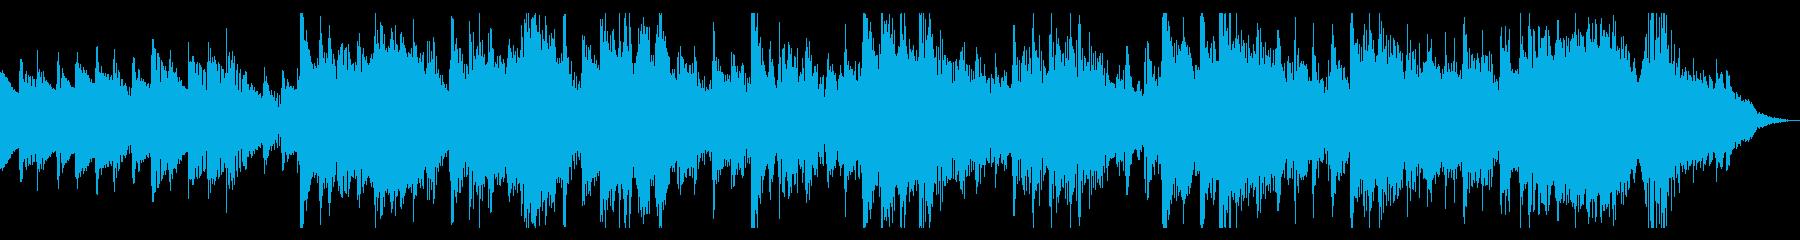 長閑でほのぼのと暖かいジングルCM30秒の再生済みの波形